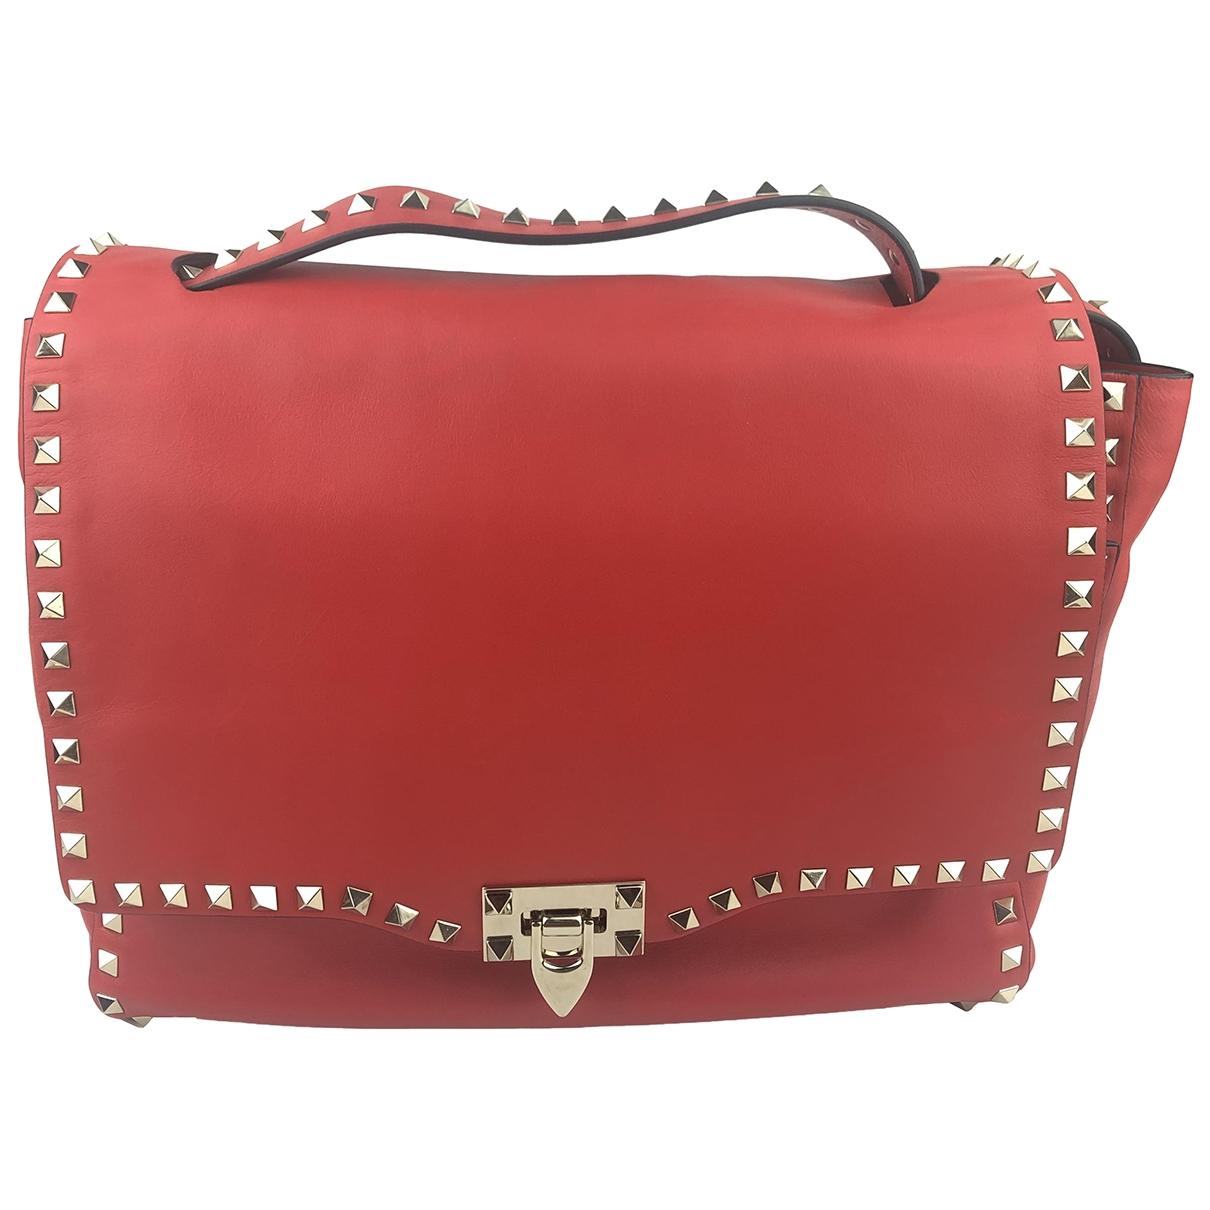 Valentino Garavani Rockstud Handtasche in  Rot Leder